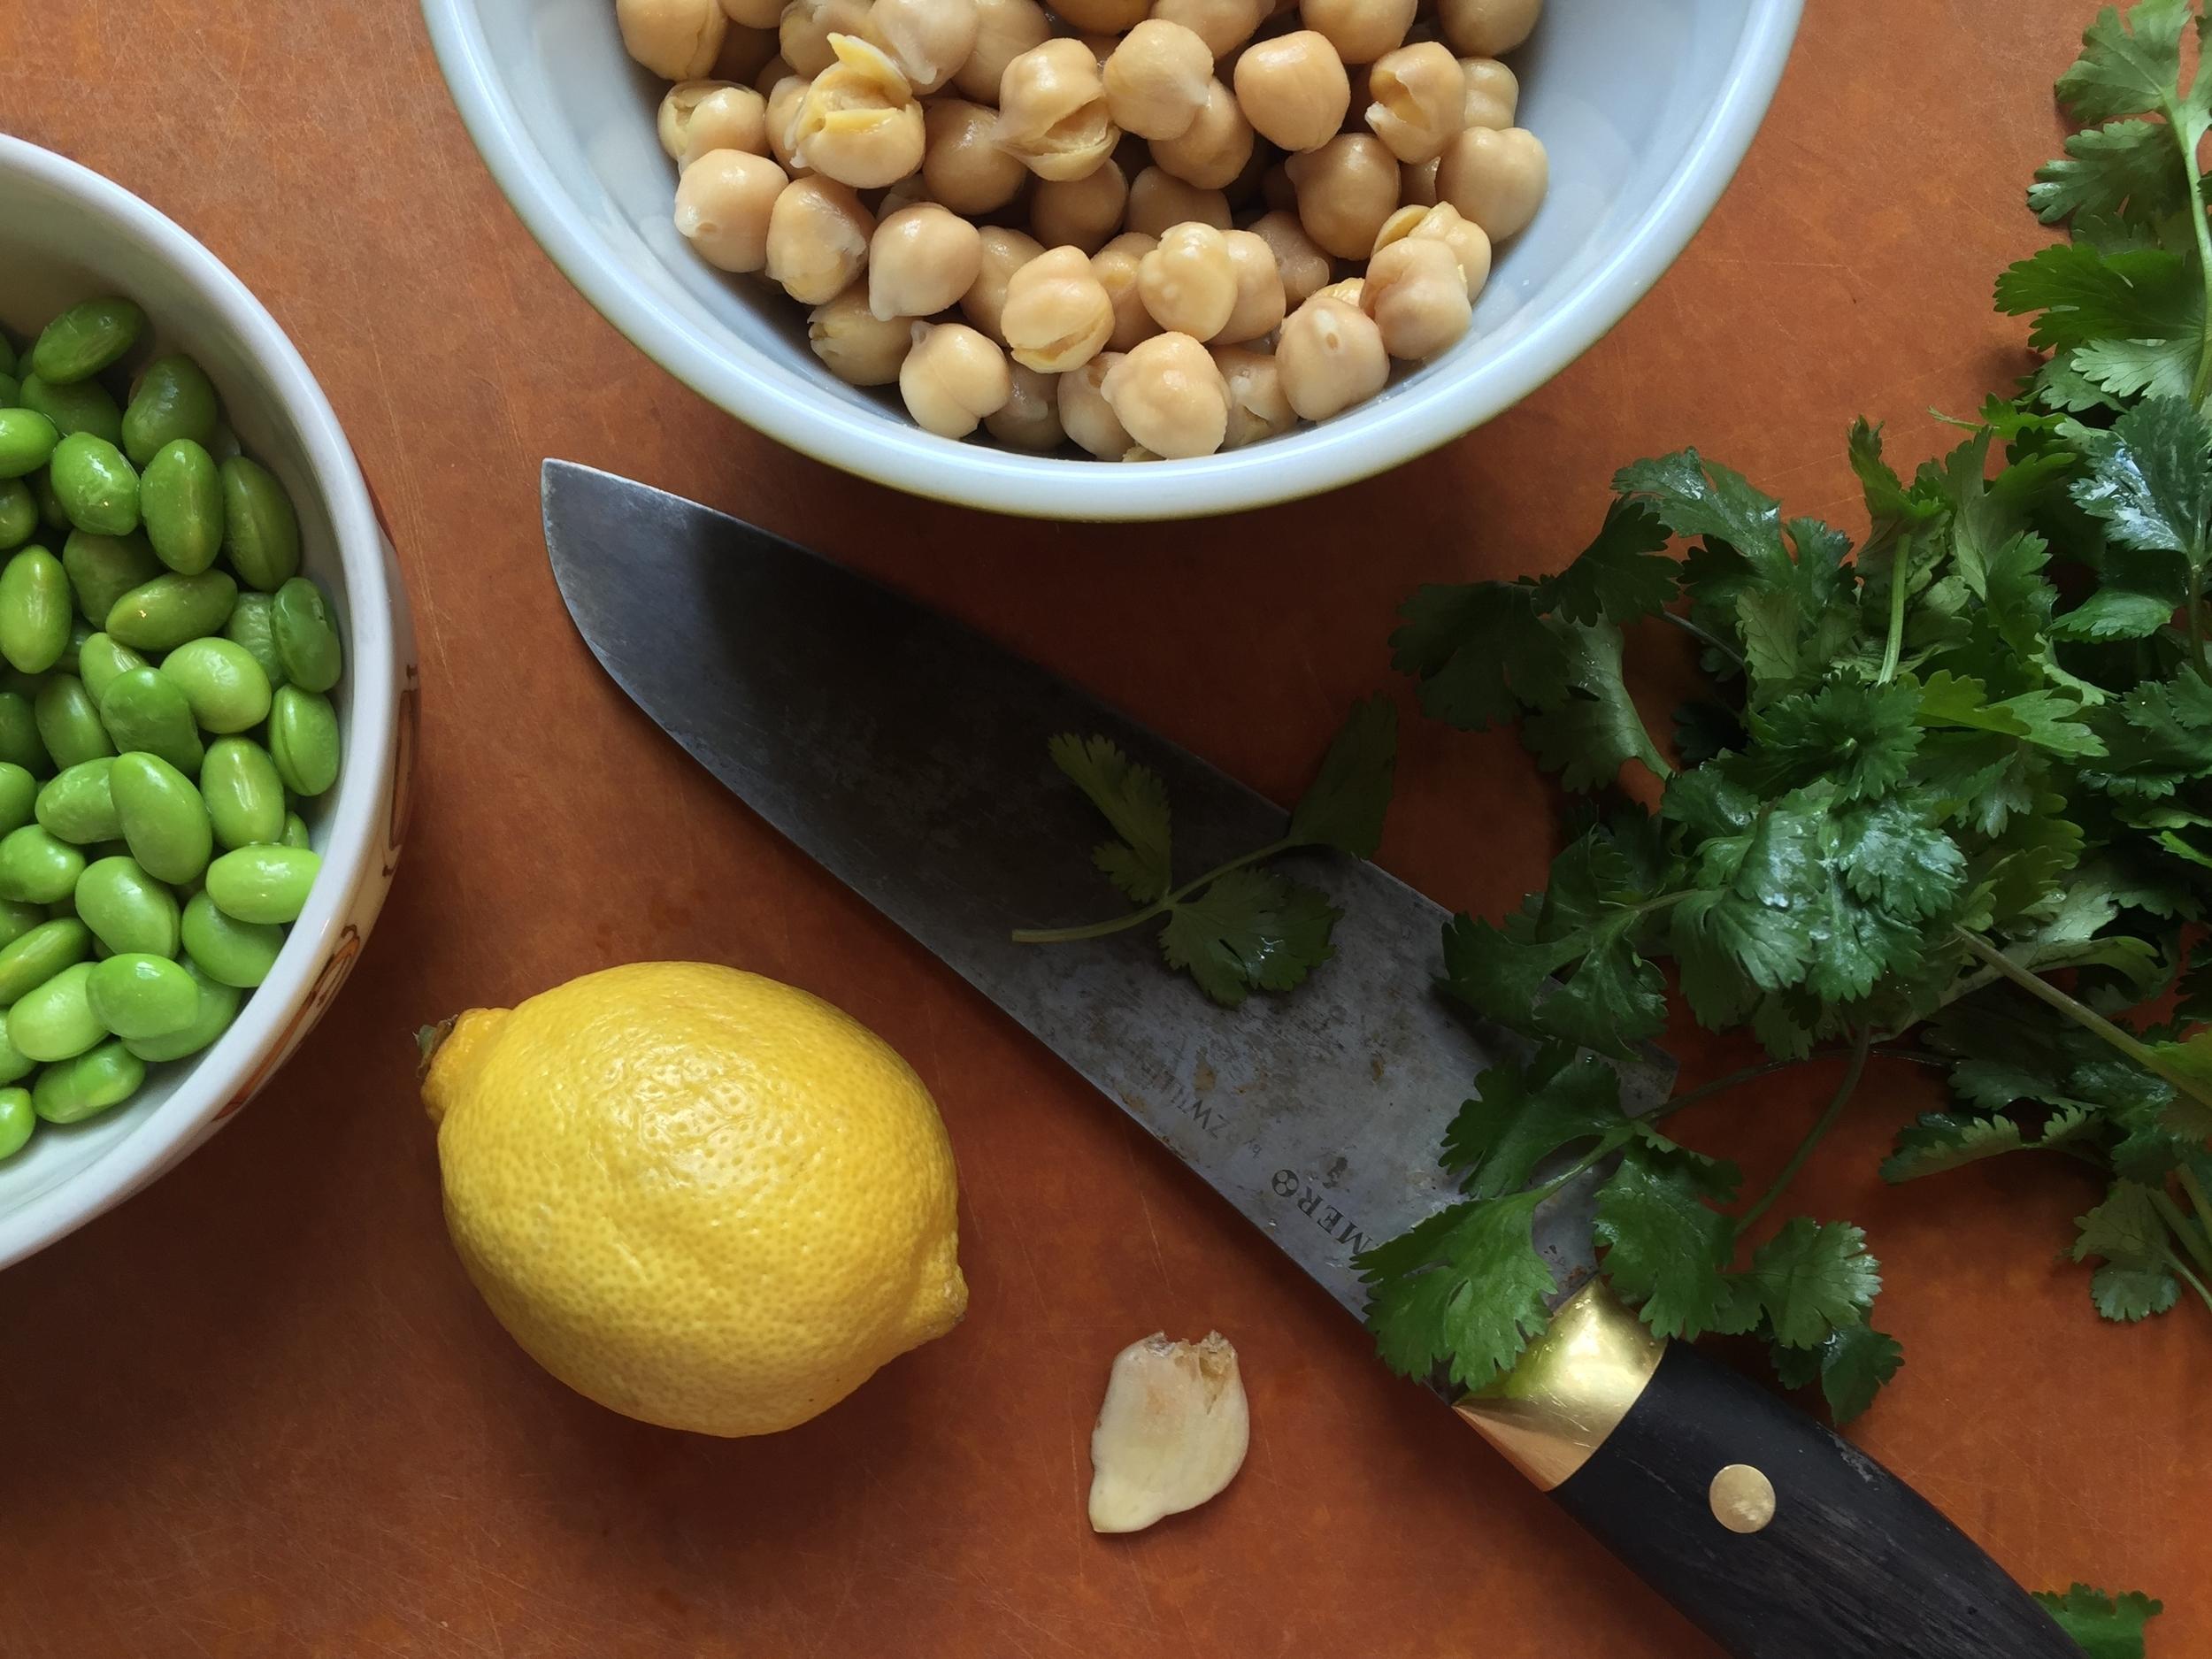 Lemons, chickpeas, edamame.... hummus is on the way!